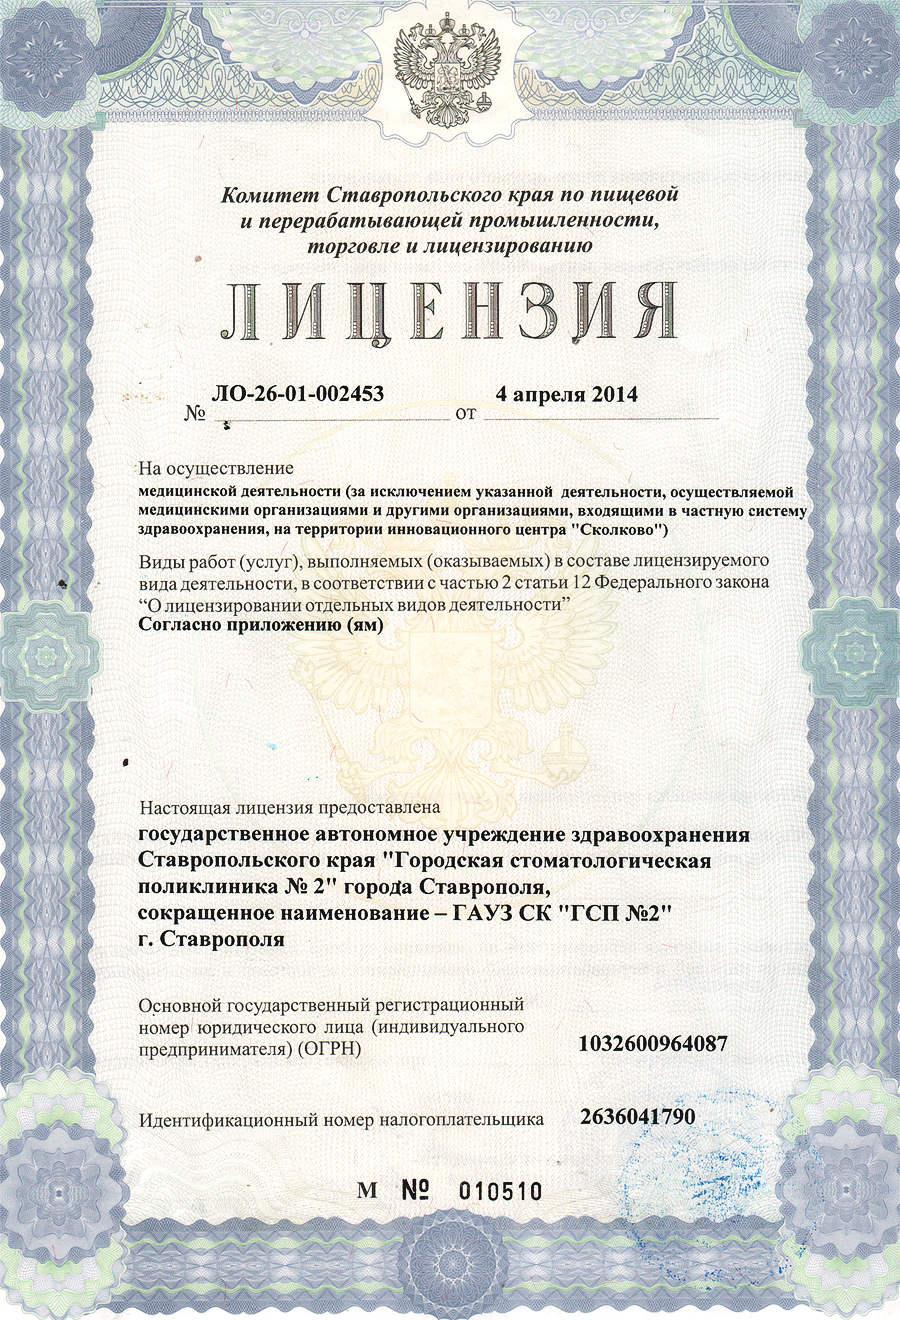 Лицензия на осуществление медицинской деятельности М № 010510